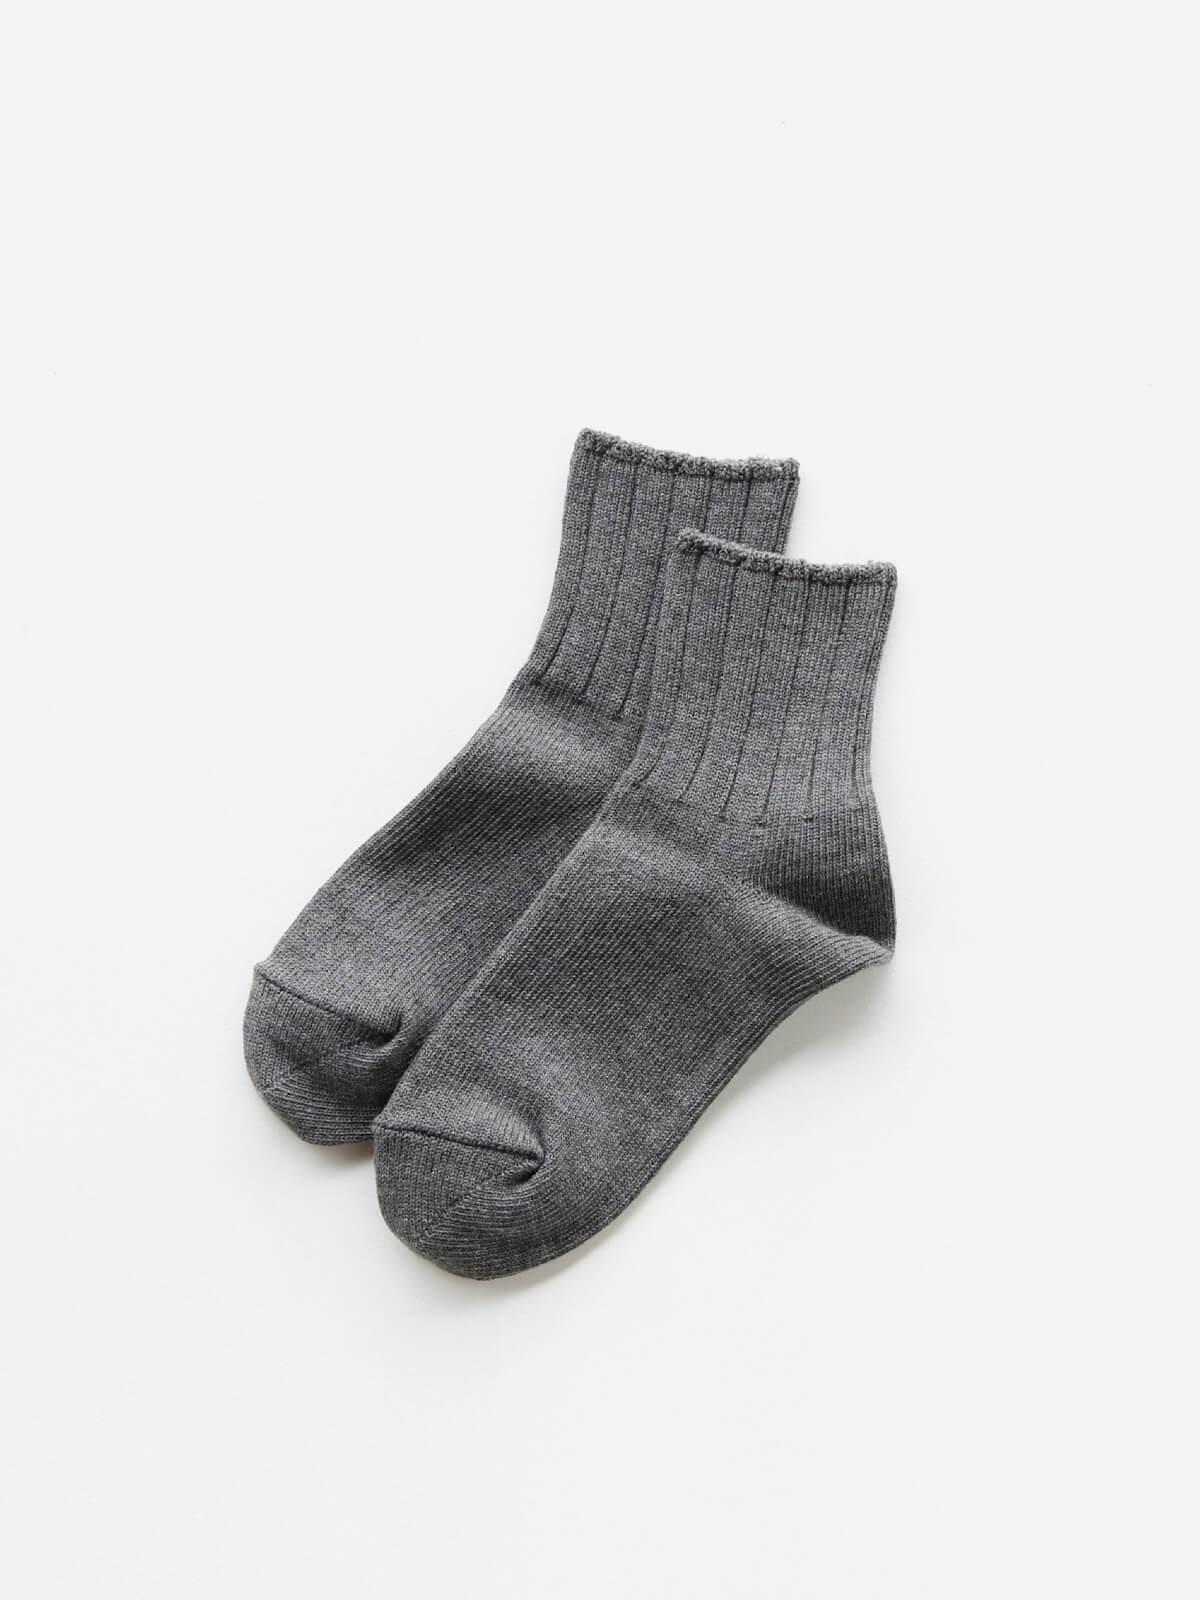 当たりつきギフト専用靴下のLUCKY SOCKS(ラッキーソックス)のSmooth Ankle Socks(スムースアンクルソックス)のダークグレー_2